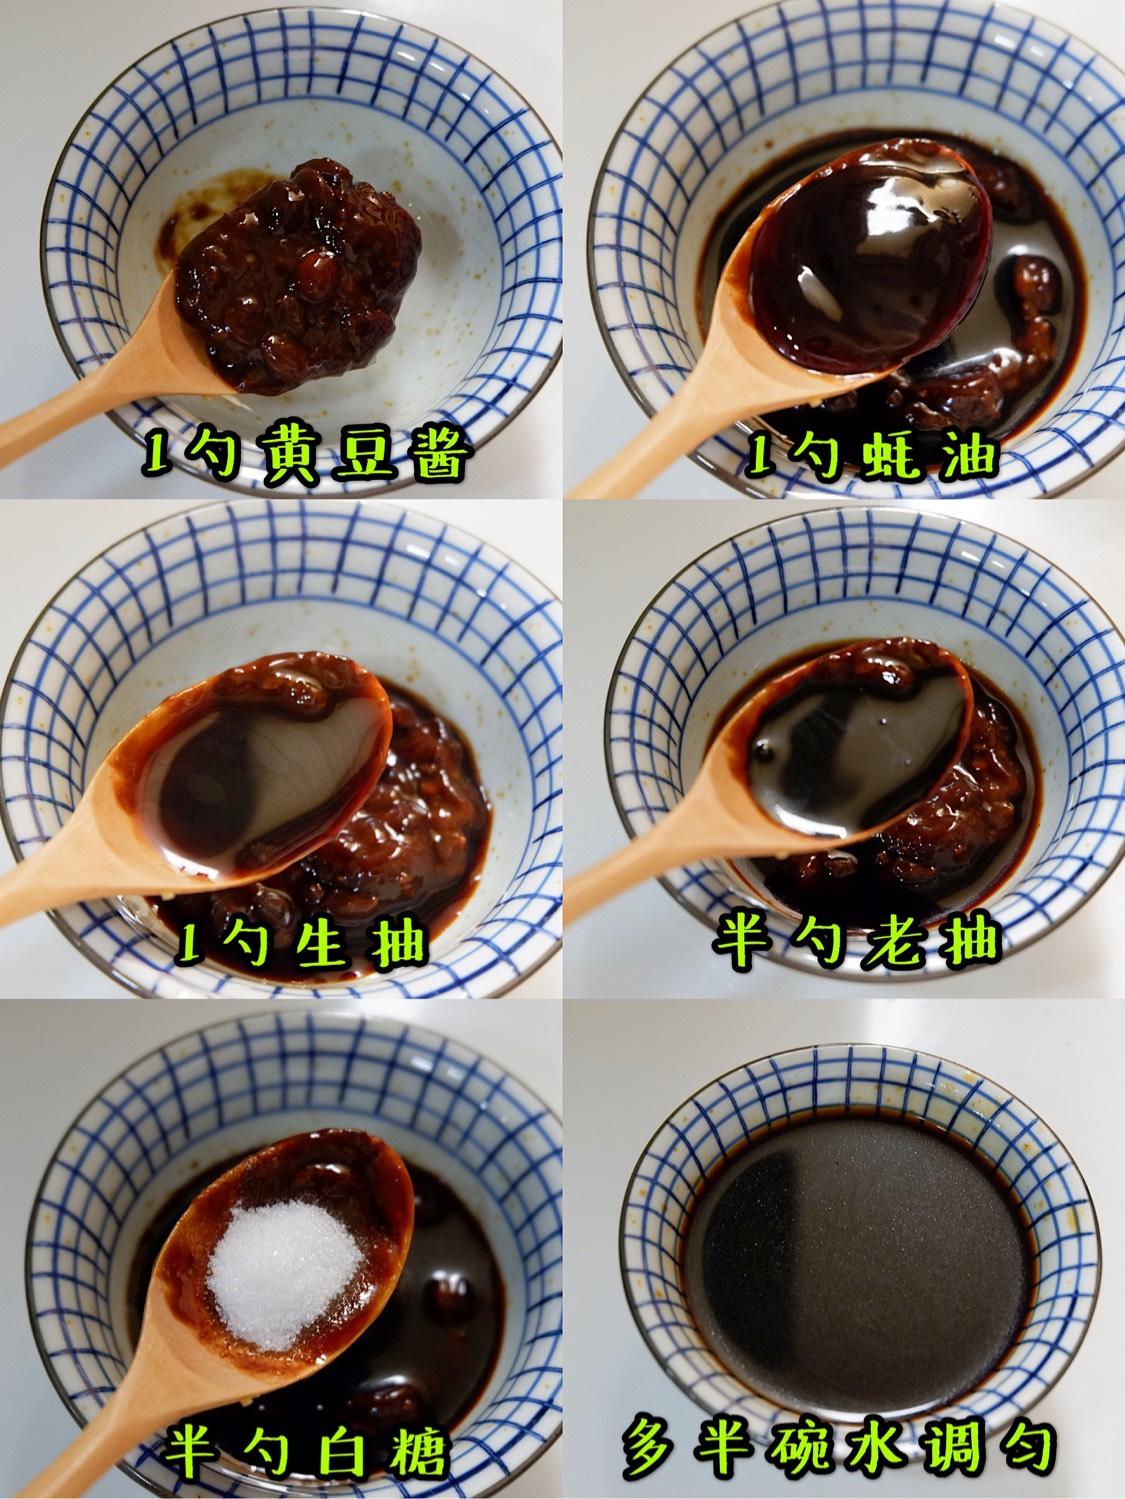 调汁:1勺黄豆酱+1勺生抽+1勺蚝油+半勺老抽+半勺糖+多半碗水调匀